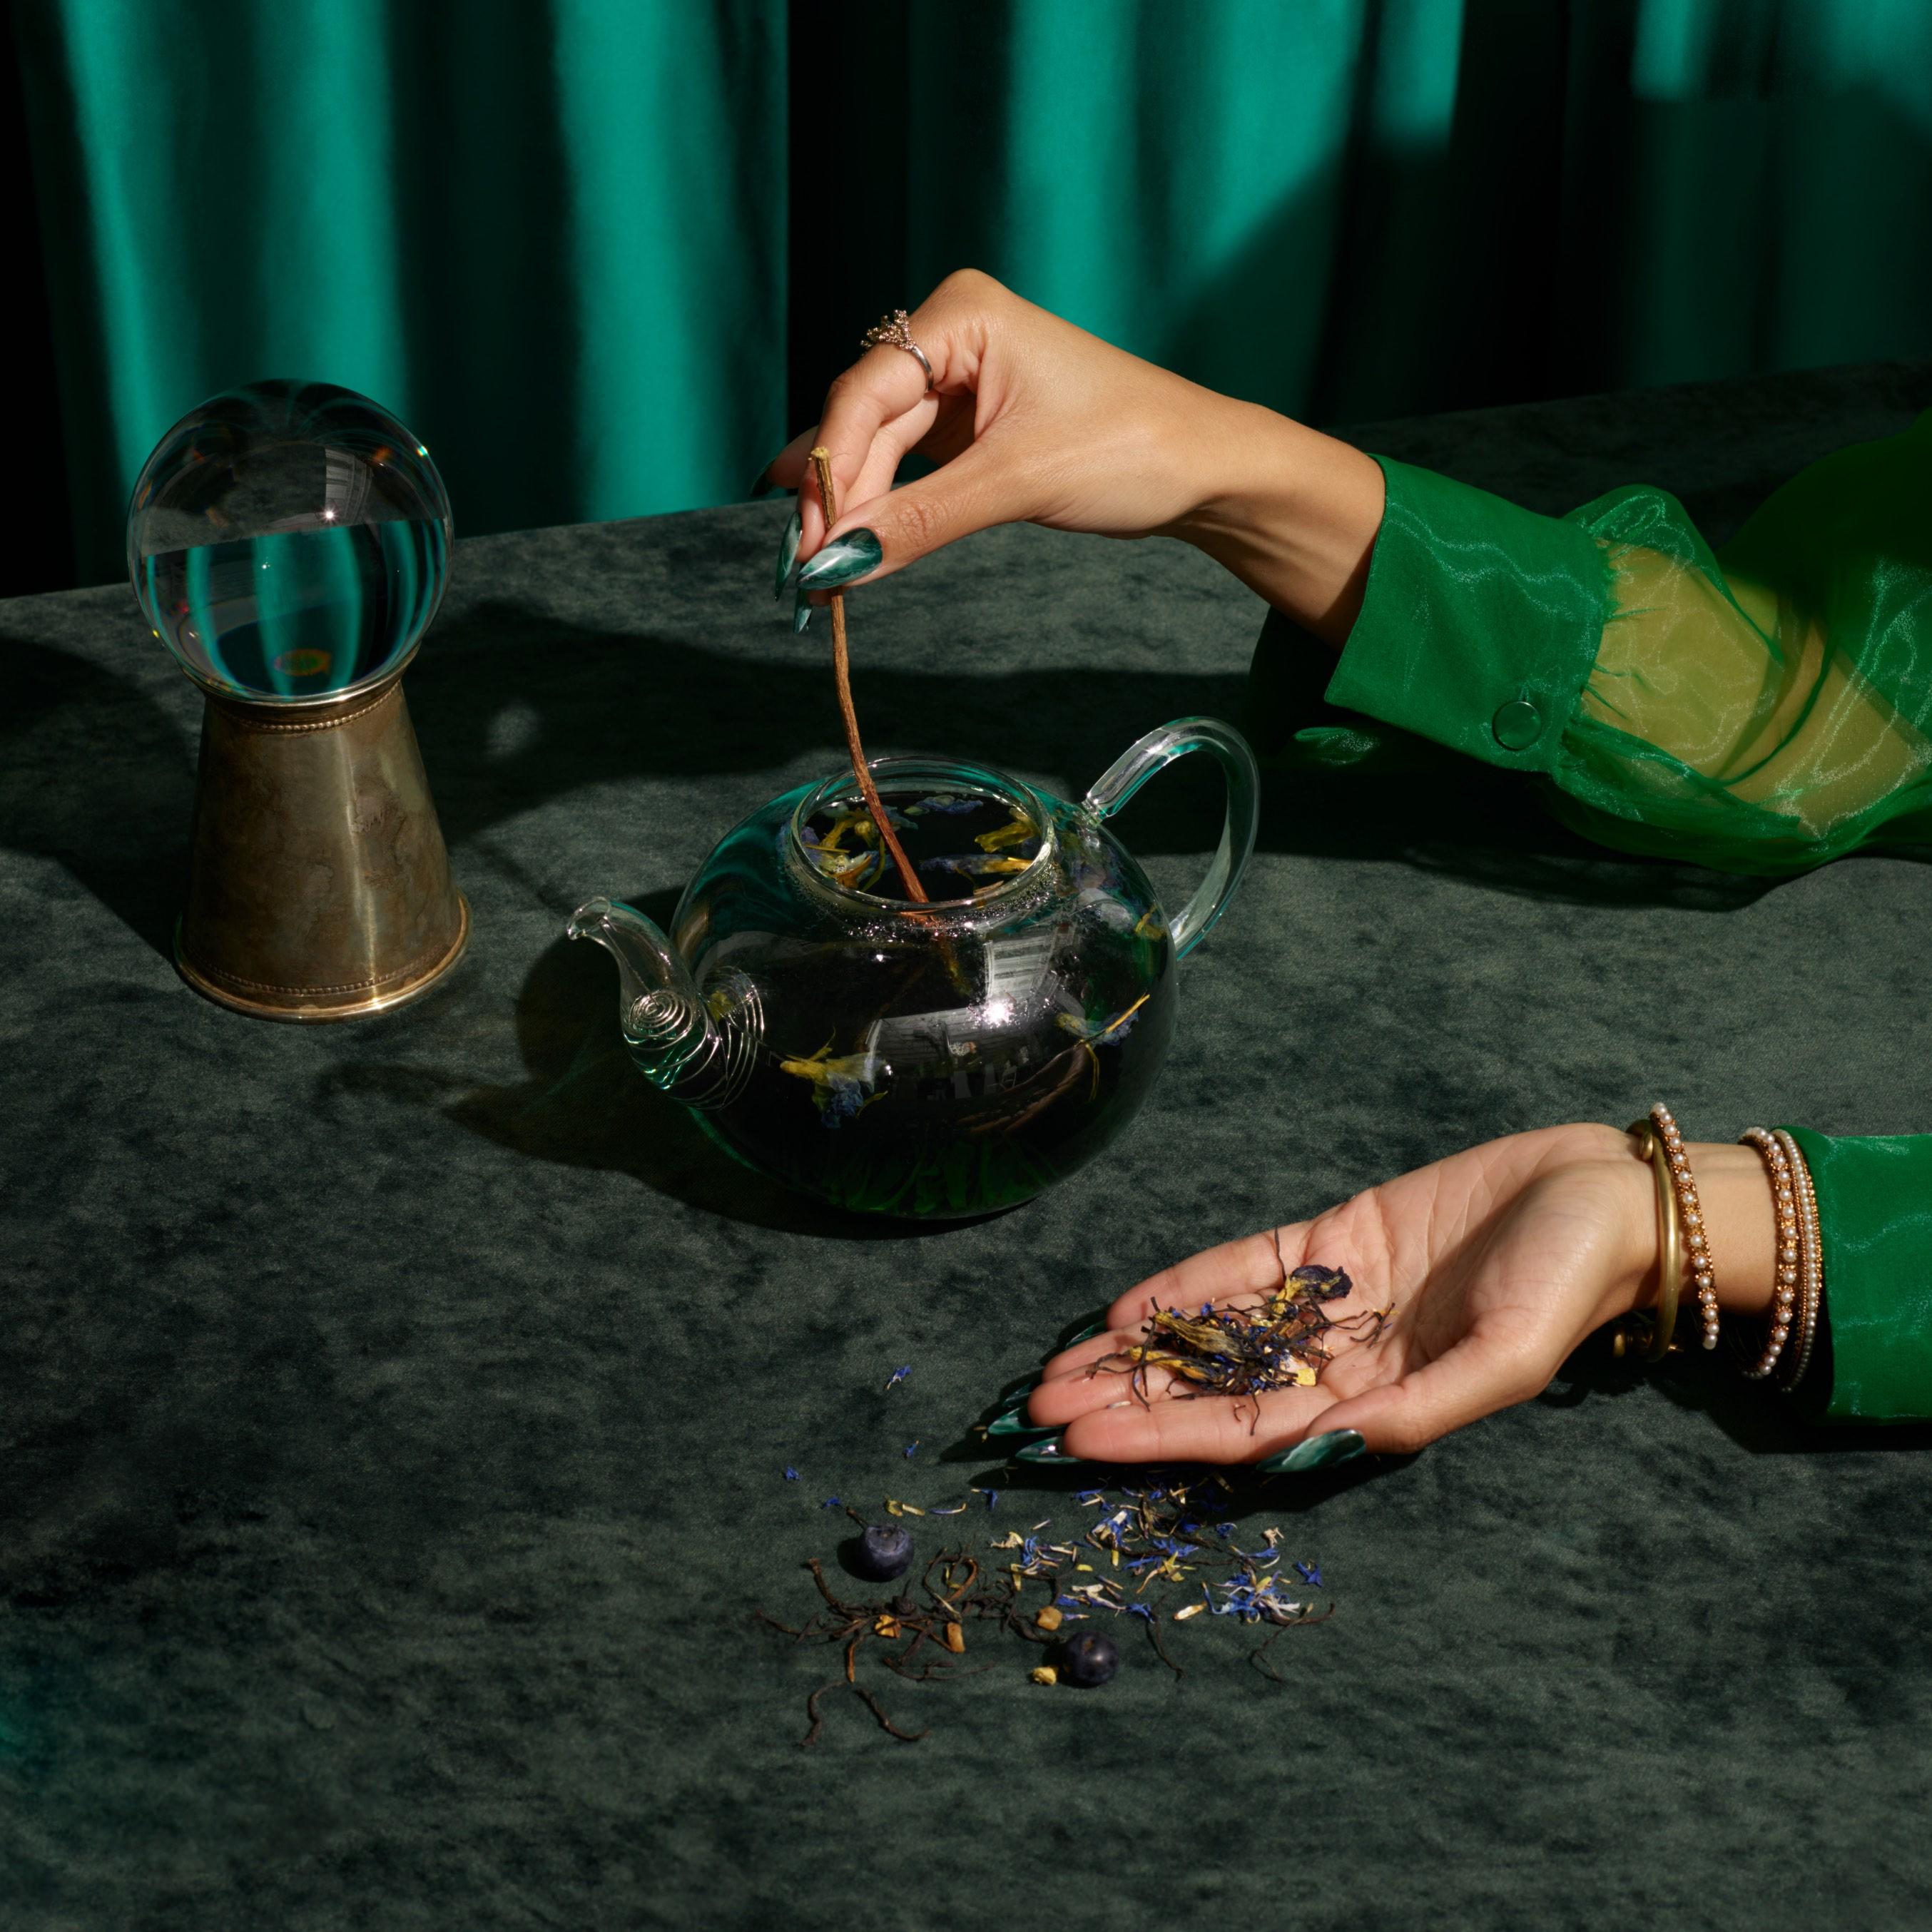 Main aux longs ongles mettant du thé en feuilles dans une théière de verre remplie d'un mélange de thé violet du Kenya chaud.